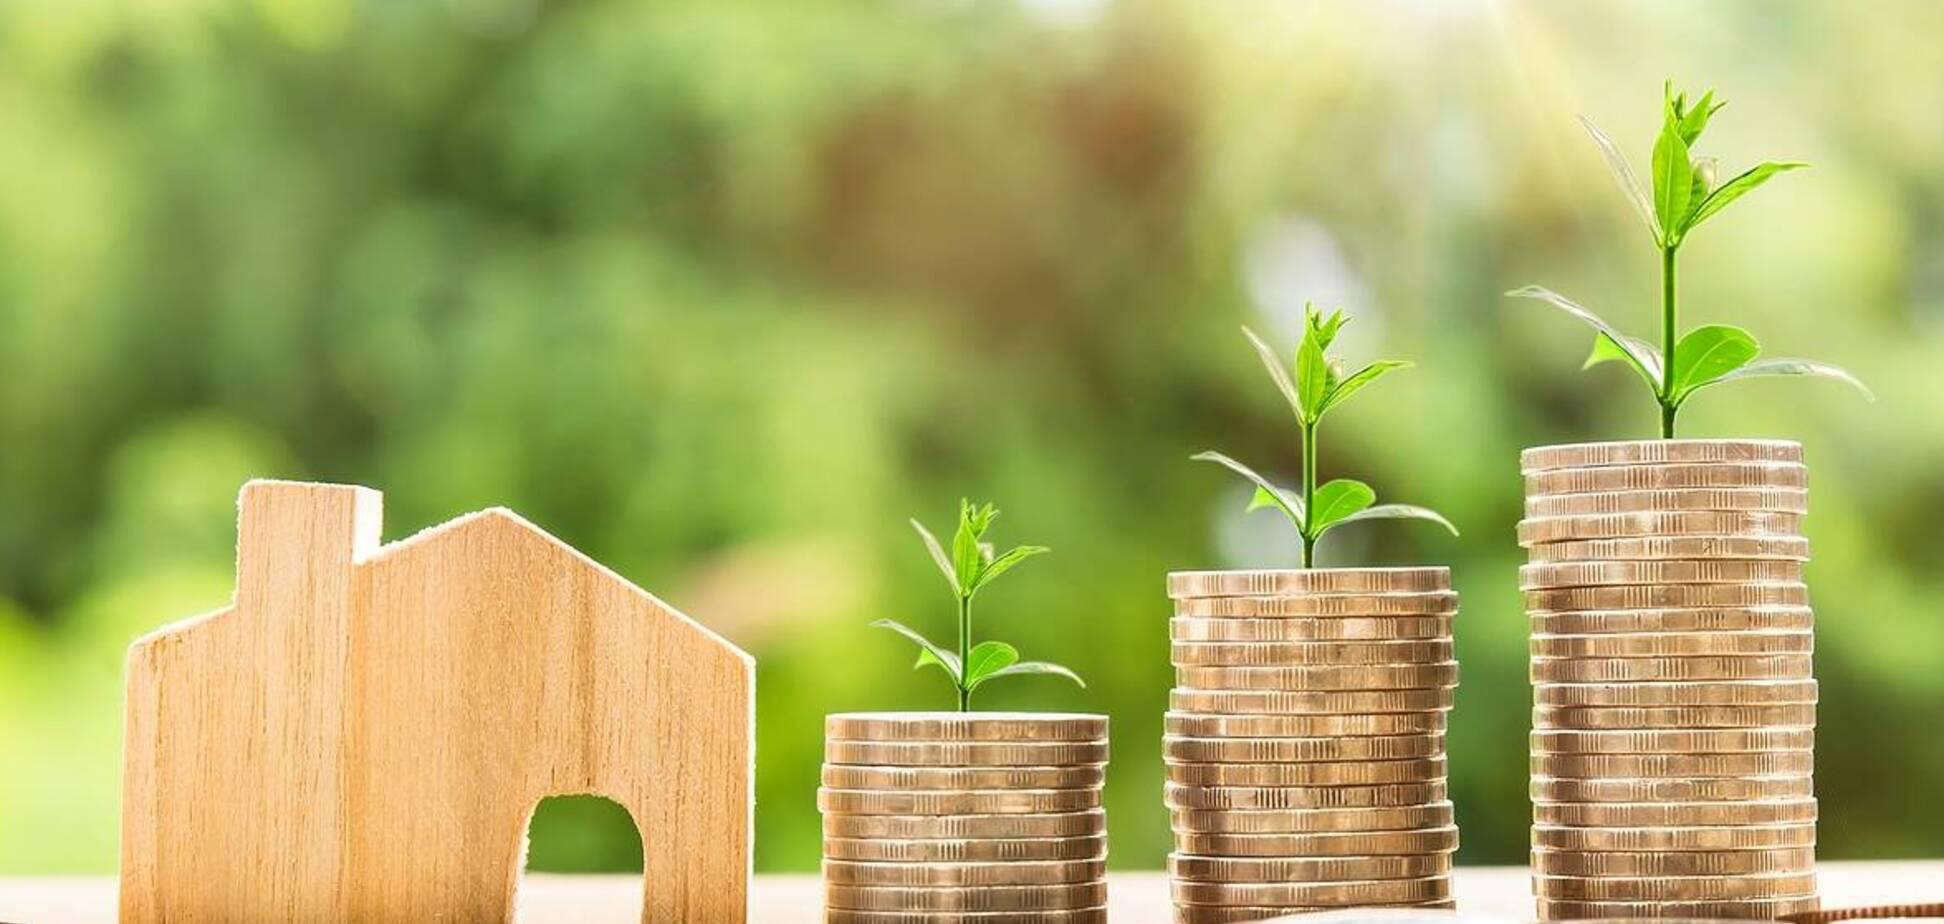 Украинцы должны заплатить налоги на квартиры. Источник: Pixabay